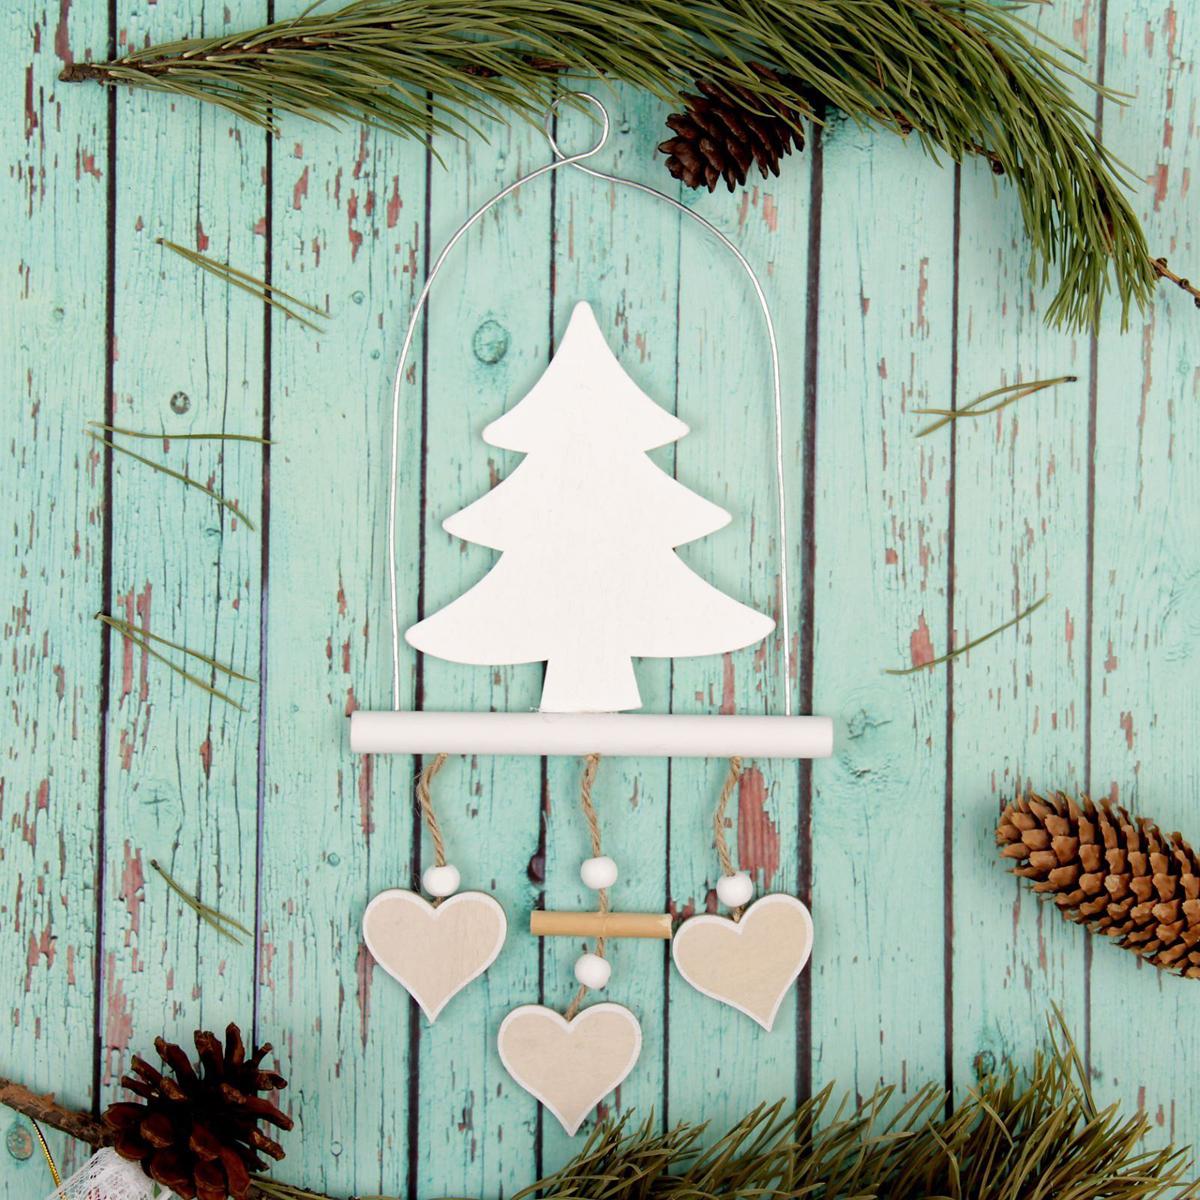 Новогоднее подвесное украшение Sima-land Елка, 17,5 х 13,5 см новогоднее подвесное украшение собака ф21 1716